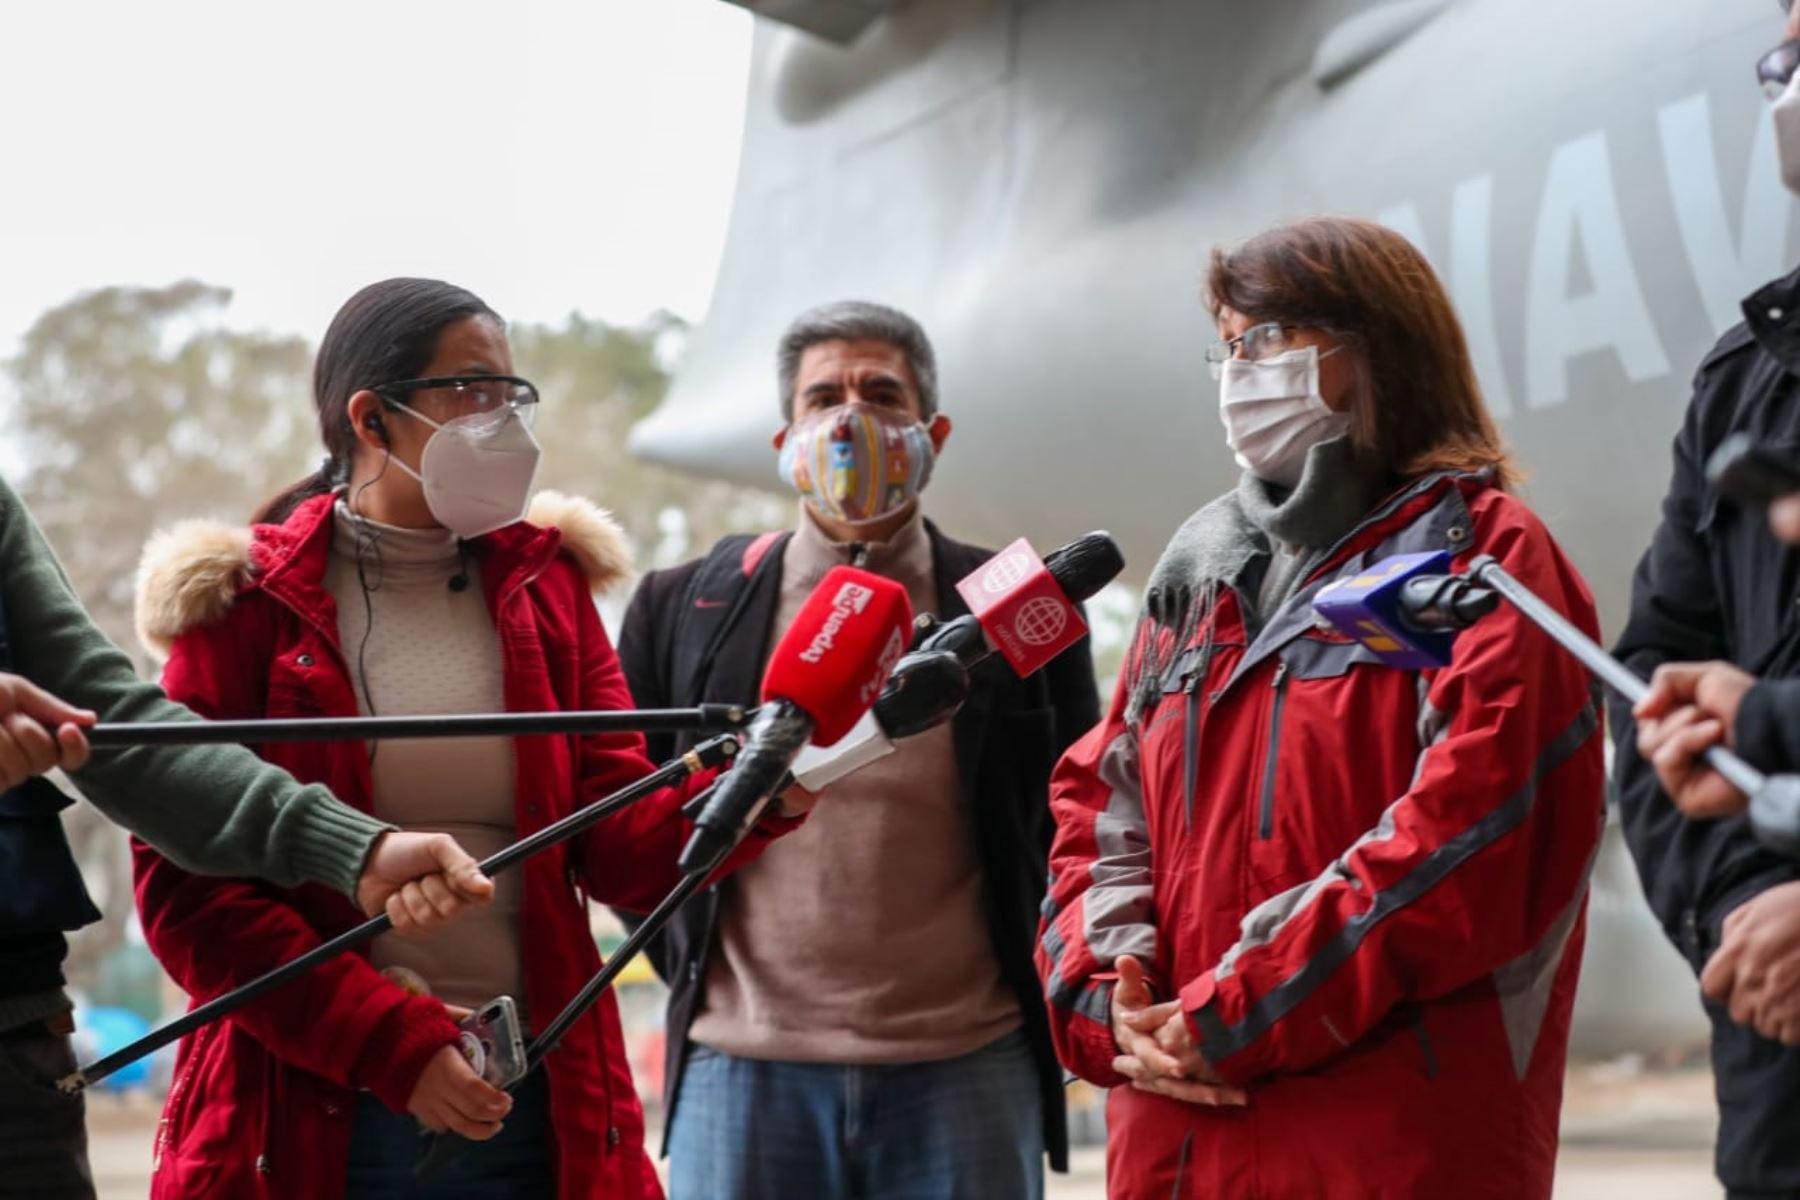 Jefe de Gabinete y ministros de Estado viajan a Ayacucho para reforzar acciones frente a la pandemia por Covid-19. Pilar Mazzetti, jefa del Comando de Operaciones COVID-19 forma parte de la comitiva. Foto: ANDINA/PCM